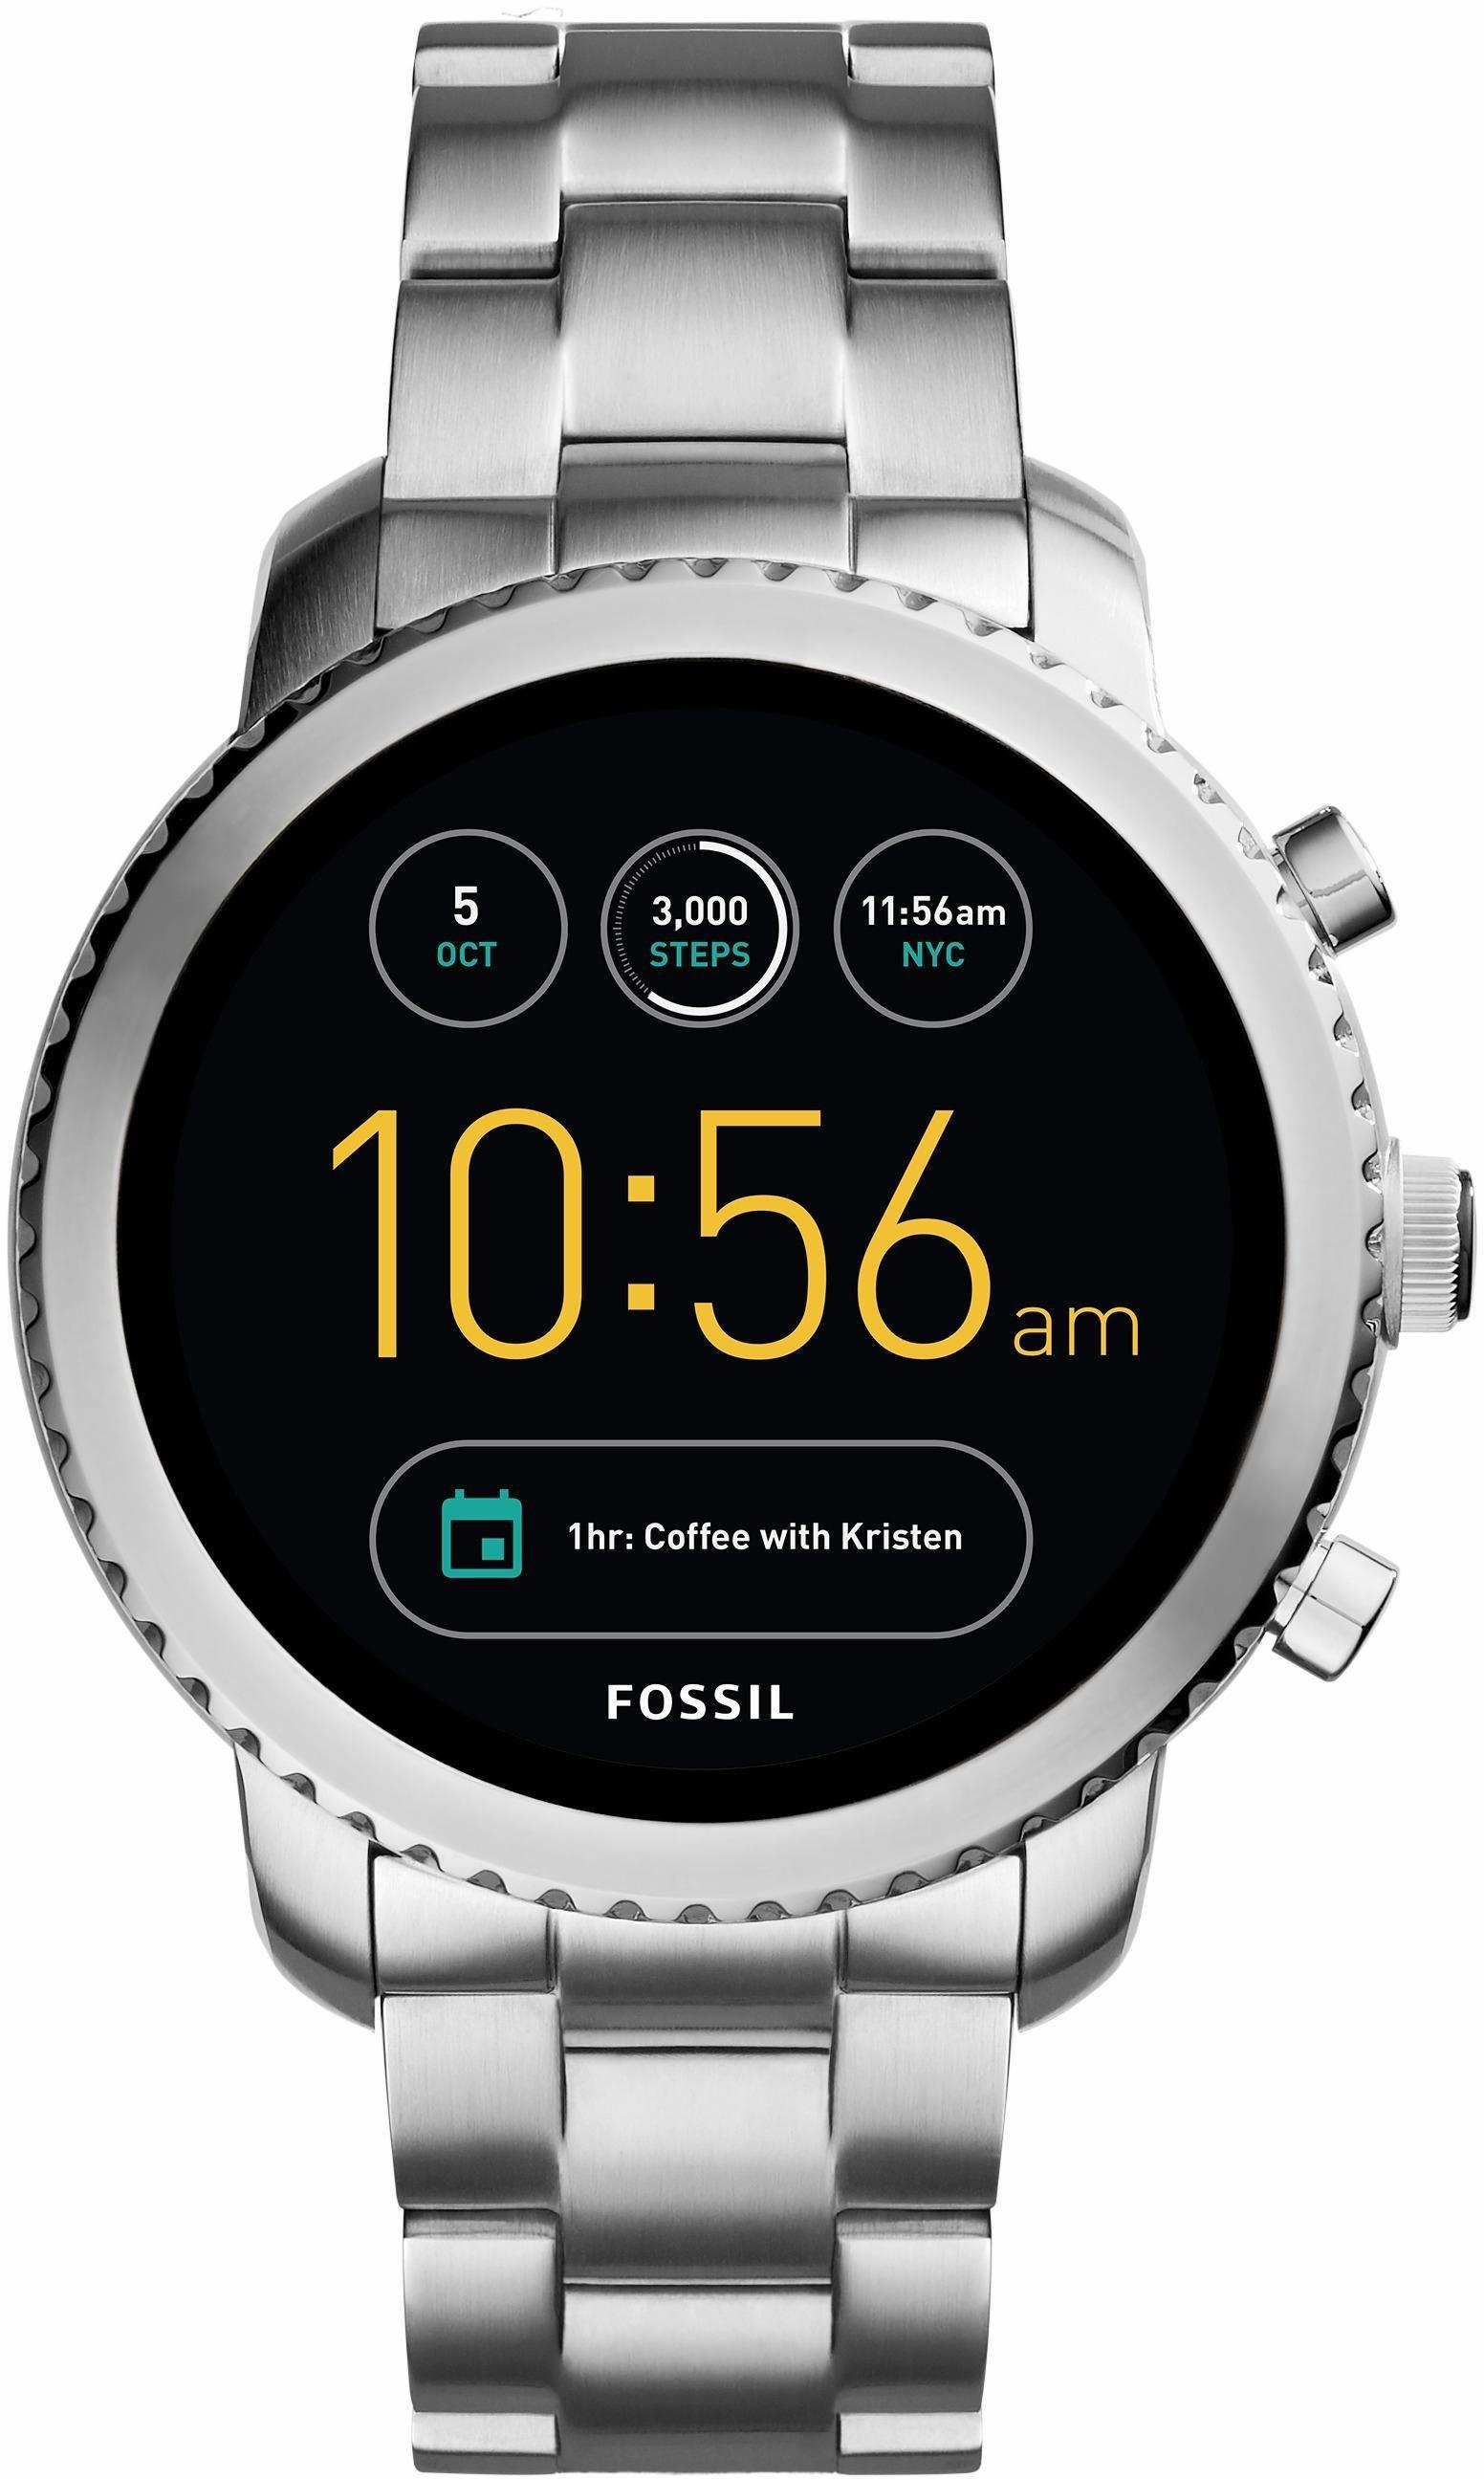 FOSSIL Q Q EXPLORIST, FTW4000 Smartwatch (Android Wear, mit individuell einstellbarem Zifferblatt)